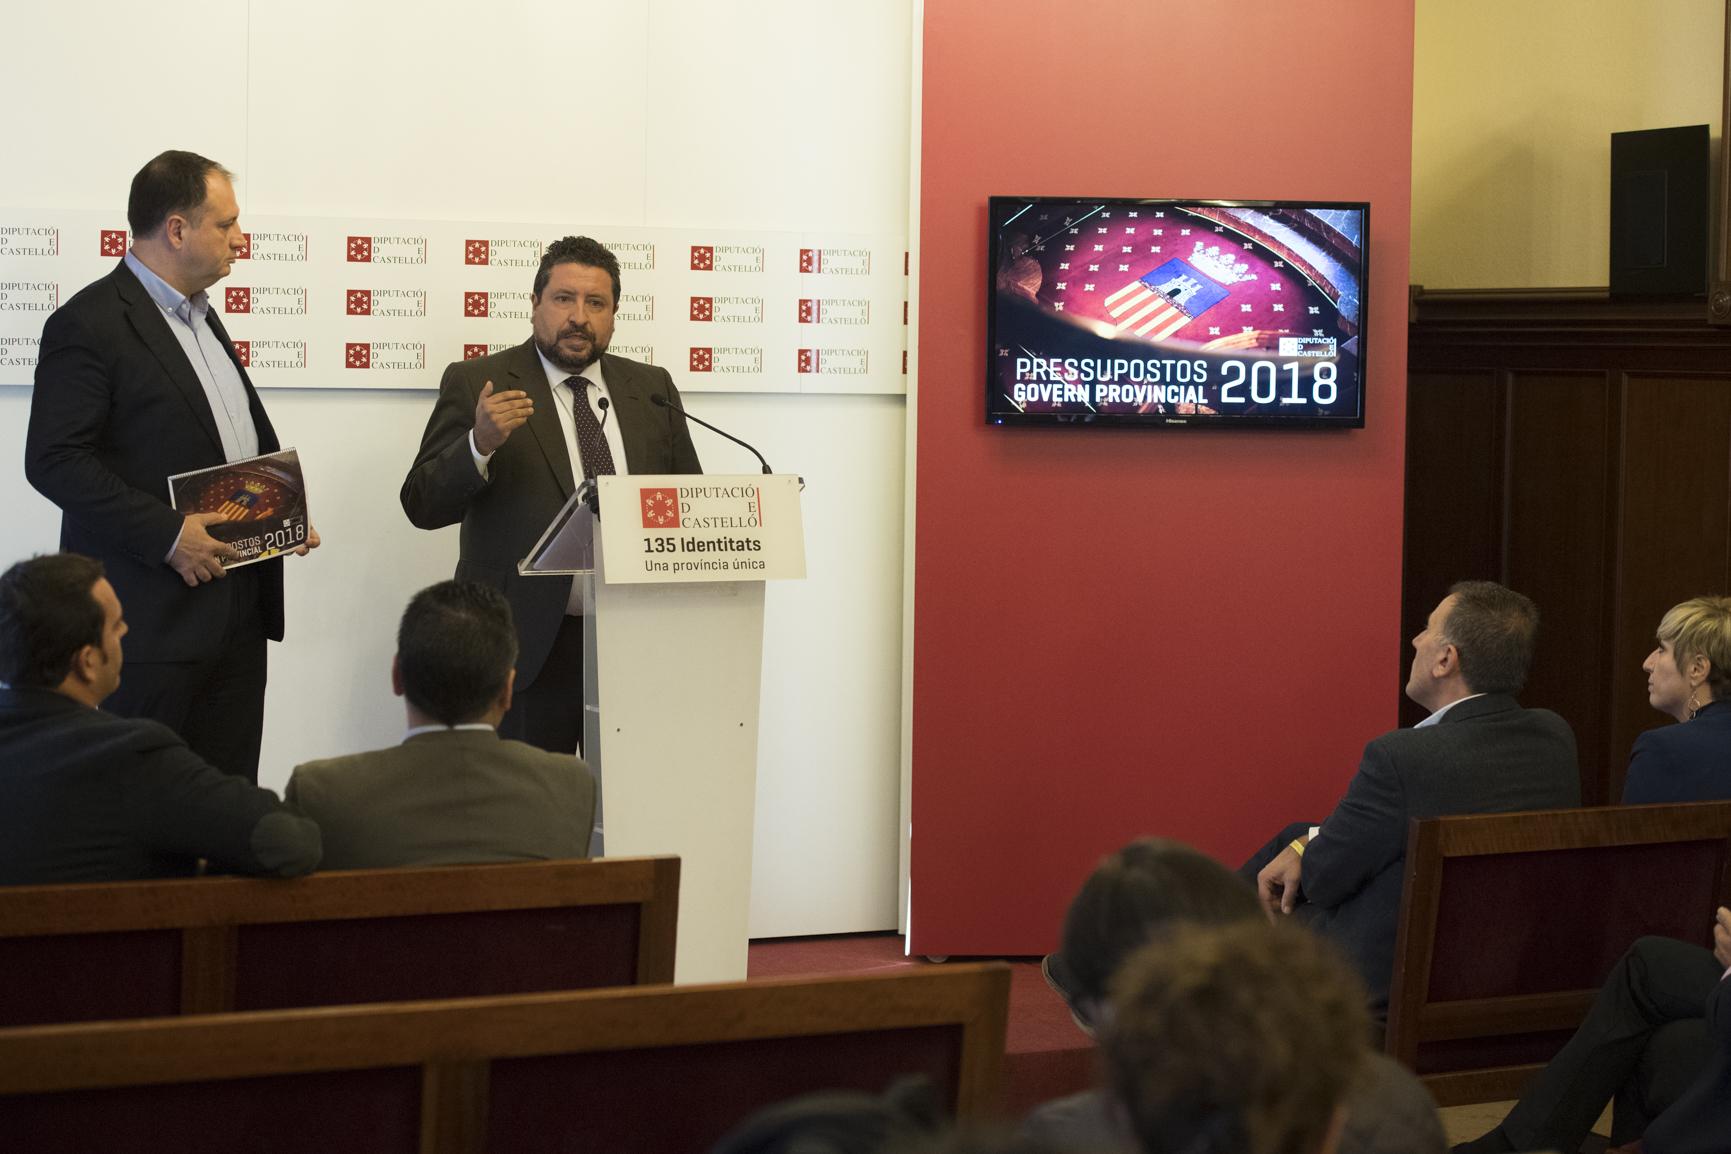 La Diputació presenta els nous pressupostos amb la xifra rècord de 135 milions d'euros